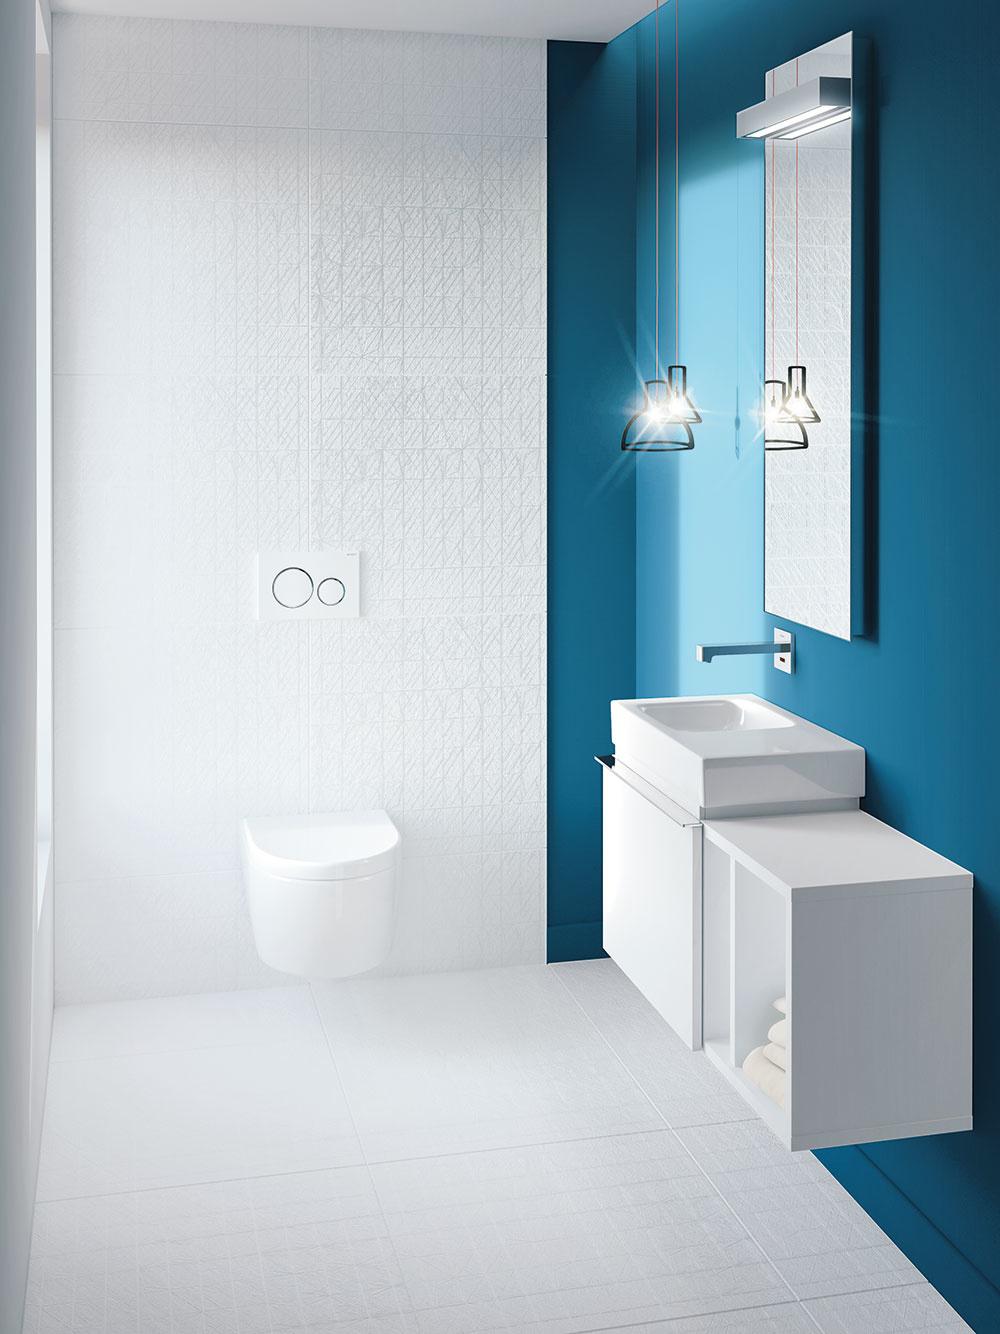 3 SANITA ANÁBYTOK  Pri výbere sanity je zvykom, že pozostáva zjednej kolekcie, aby kúpeľňa pôsobila jednotným dojmom. Či už ide ovaňu, WC, umývadlo alebo bidet, mali by spĺňať dve kritériá – praktickosť afunkčnosť. Samozrejme, potrebné je prihliadať aj na dizajn či materiály azaváži aj cena. Nábytok vyberajte najmä podľa vašich potrieb, apreto si premyslite, čo všetko potrebujete vkúpeľni umiestniť. Stavte na výrobky zkvalitných materiálov, ktoré sú odolné proti vode amajú špeciálne ošetrený povrch. FOTO GEBERIT